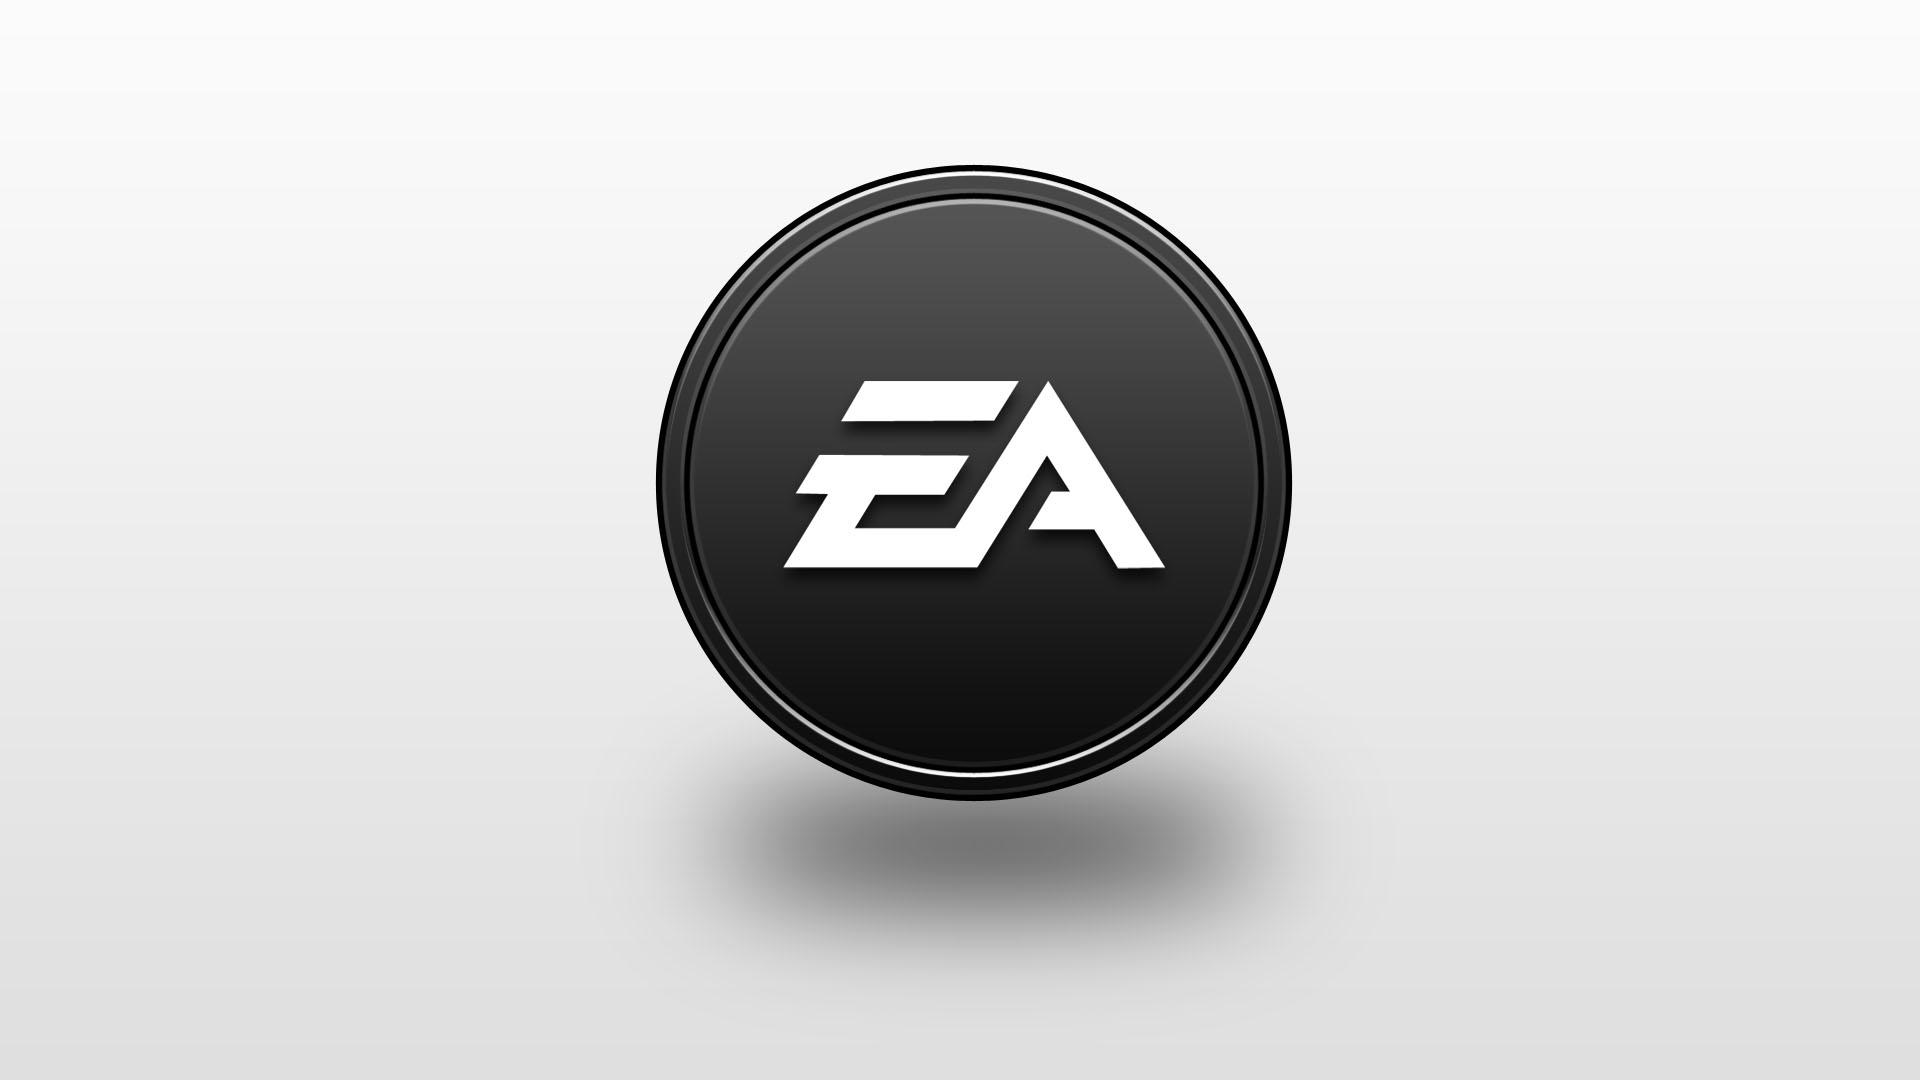 EA Motive, liderado por la ex-ejecutiva de Ubisoft, Jade Raymond, actualmente trabaja en Star Wars: Battlefront 2 y otros proyectos sin anunciar